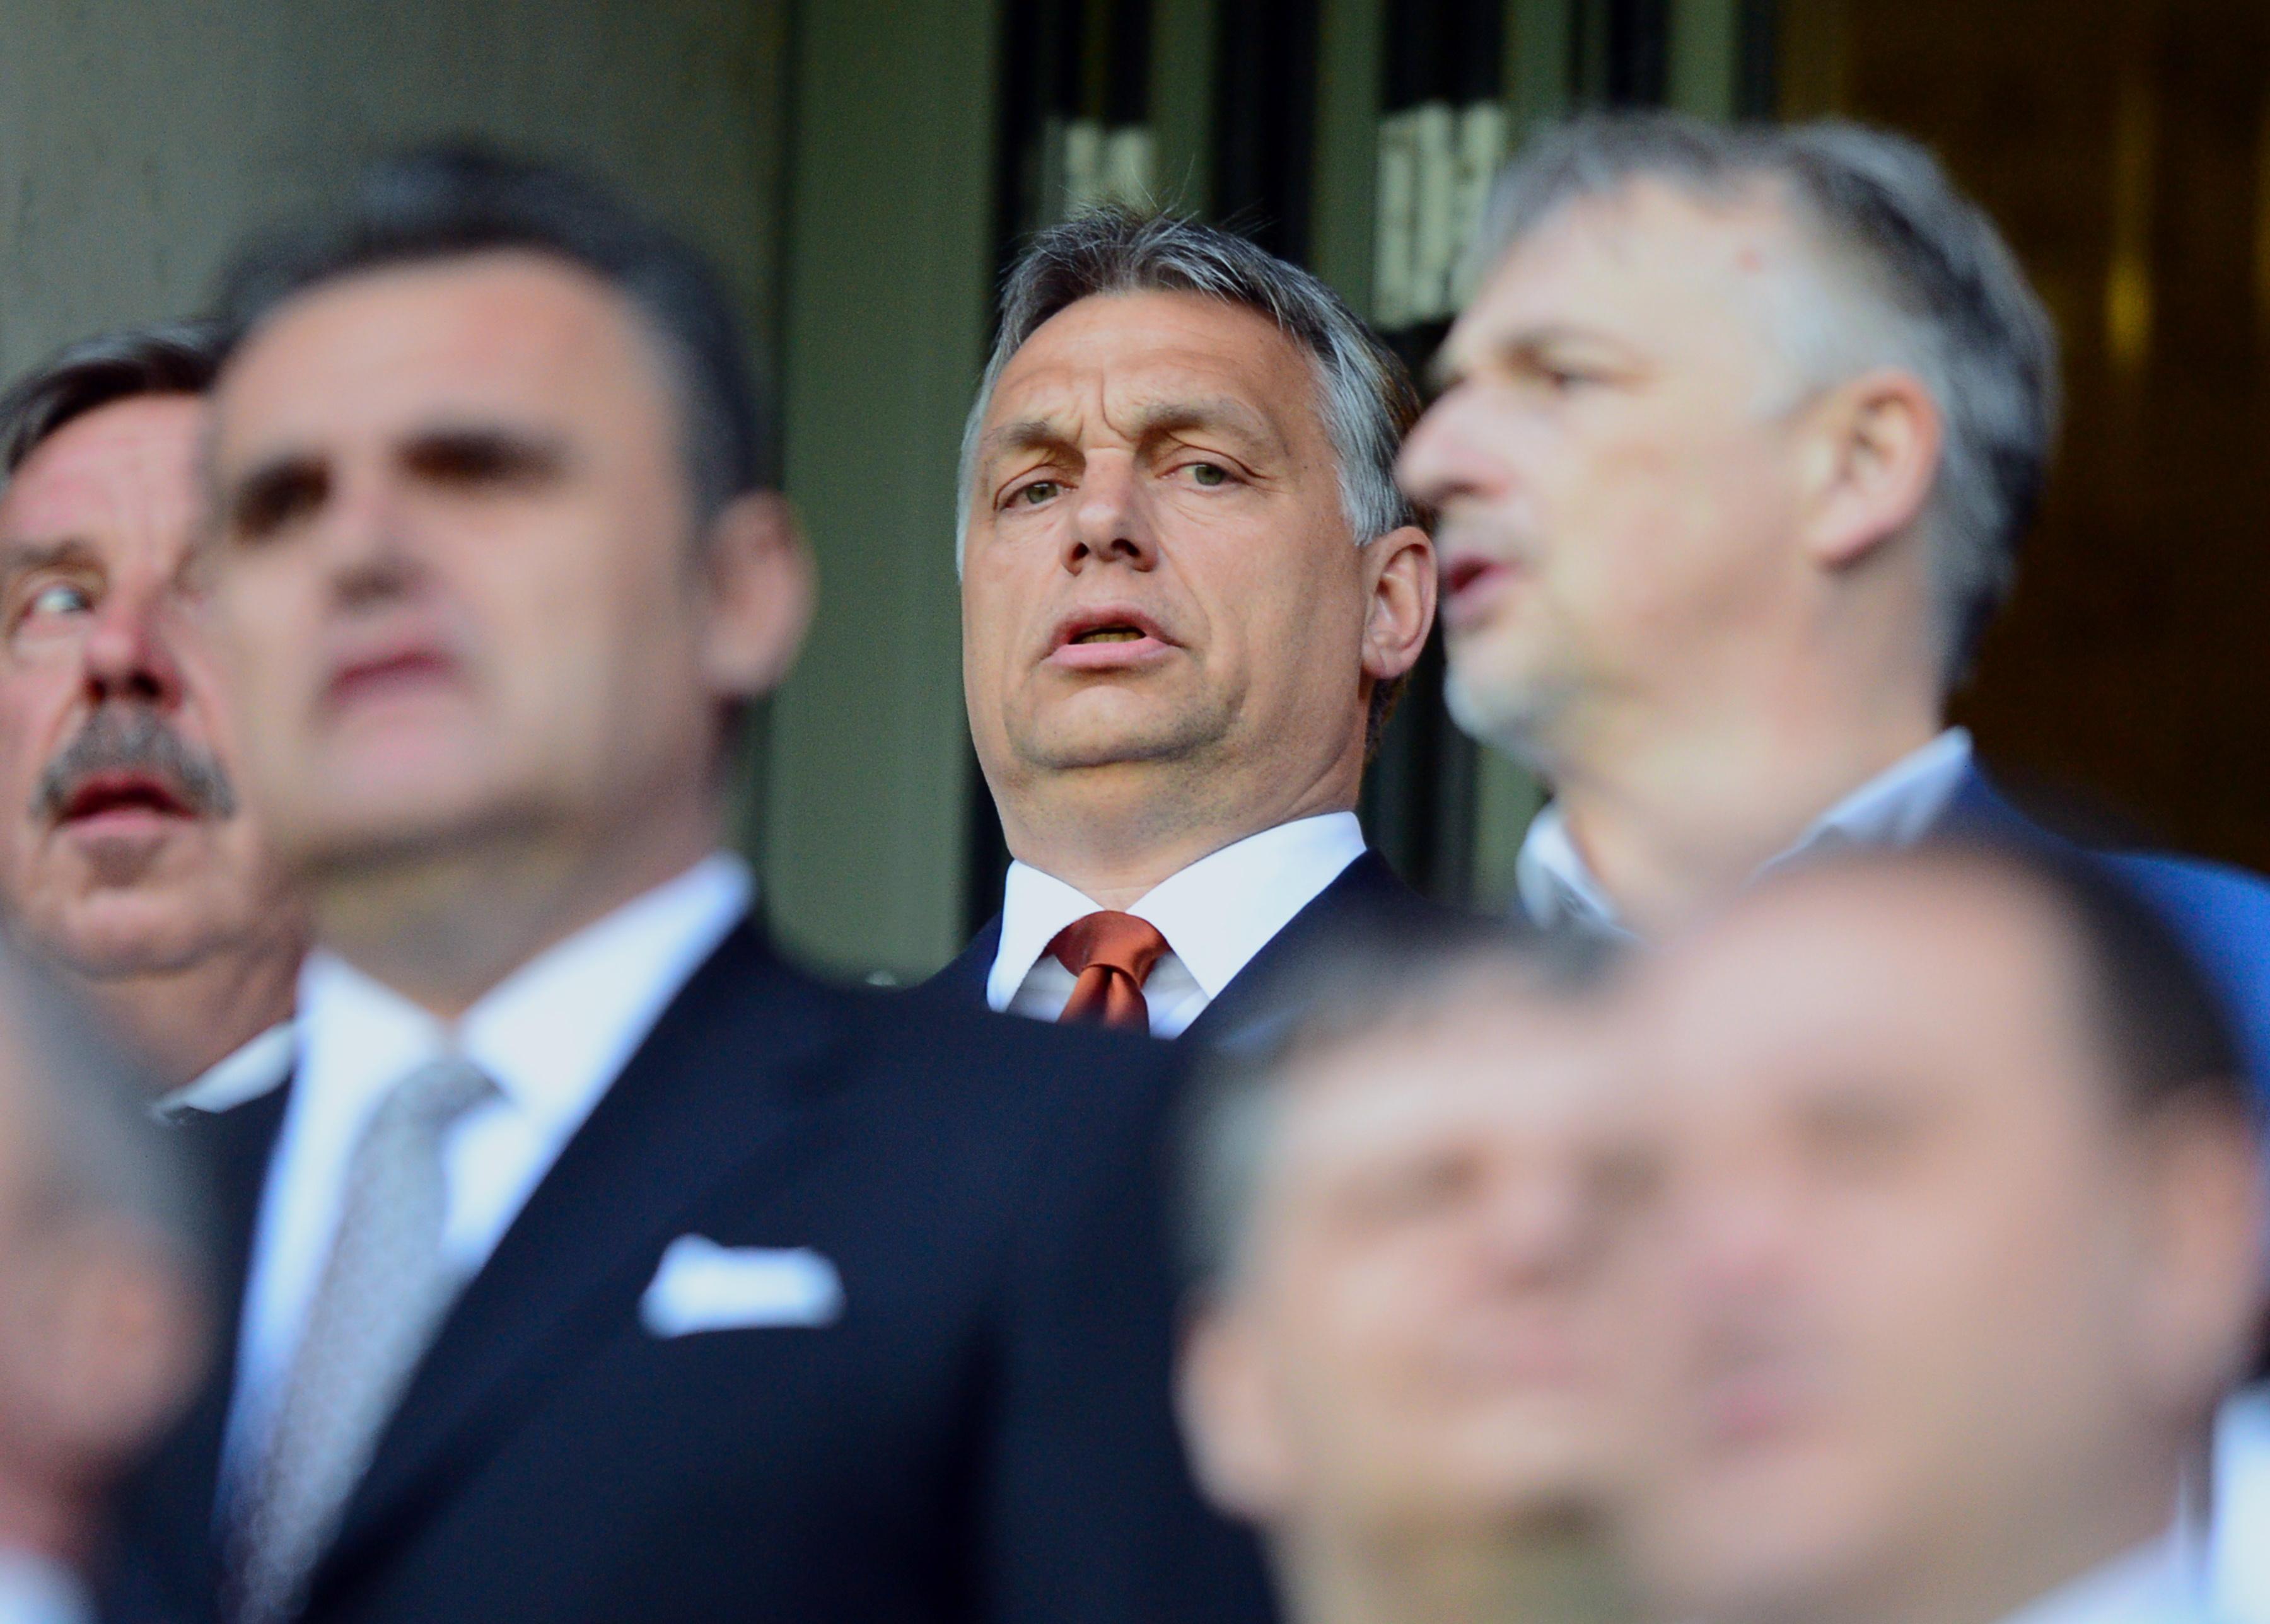 Valami hiba csúszott a miniszterelnöki mestertervbe Felcsúton